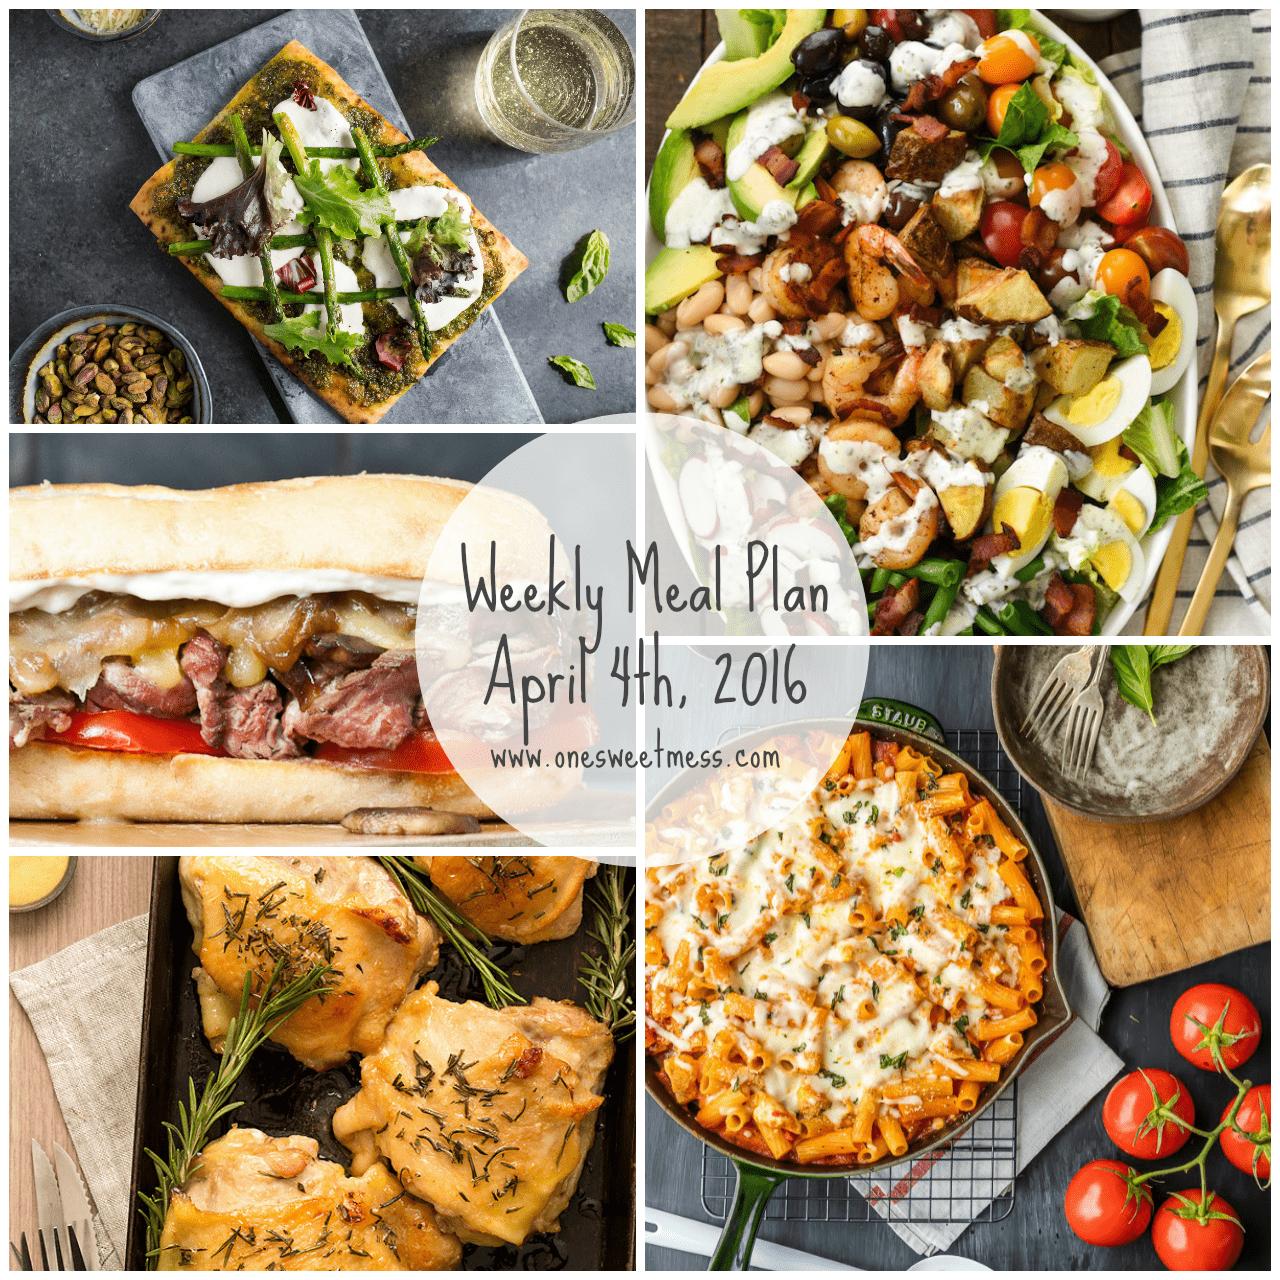 Week of April 4th, 2016 Weekly Meal Plan + Printable Grocery List